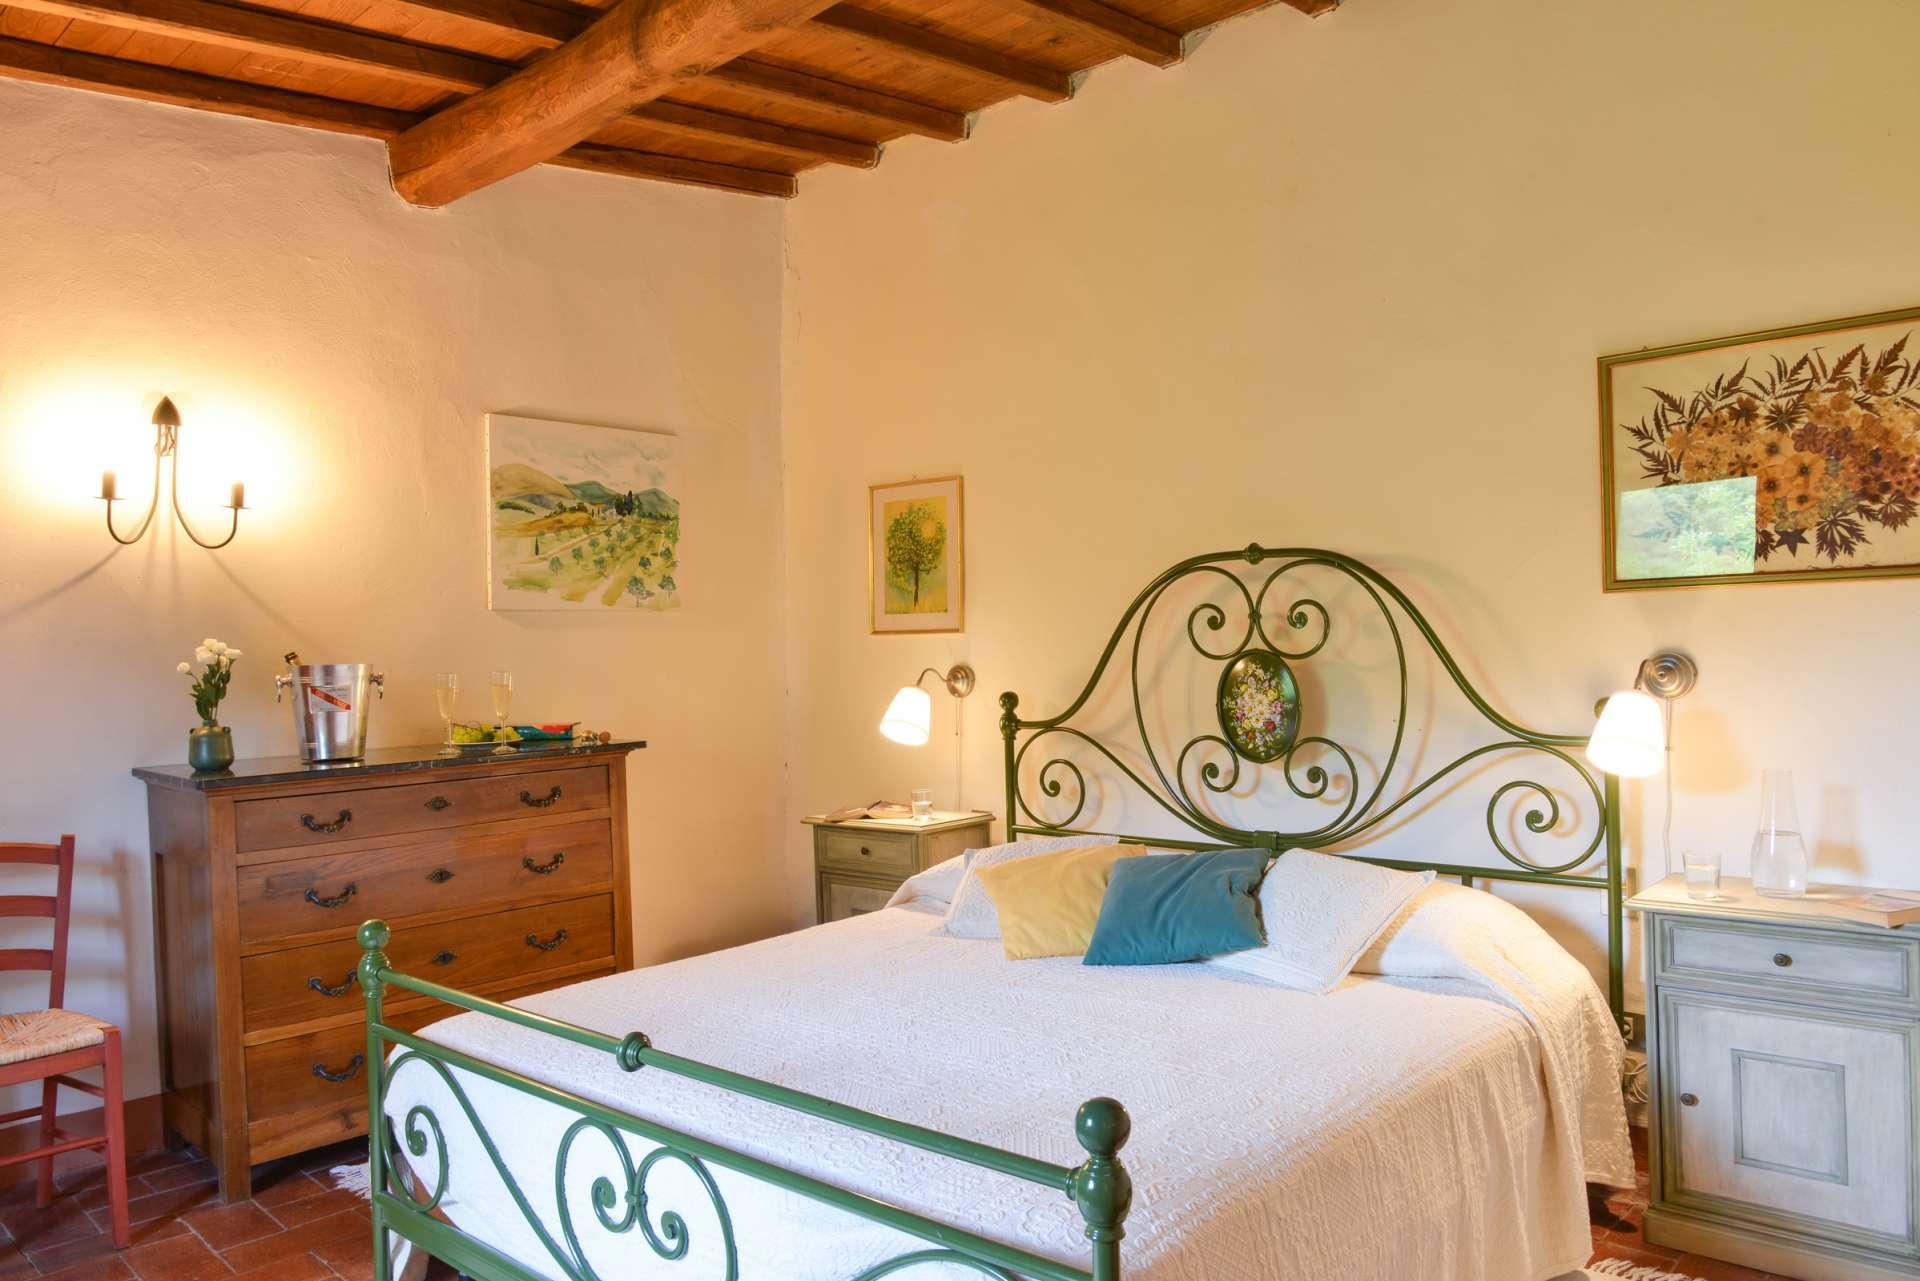 Poggio Taresh 7 Bed Villa With Pool In Chianti Tuscany Now More